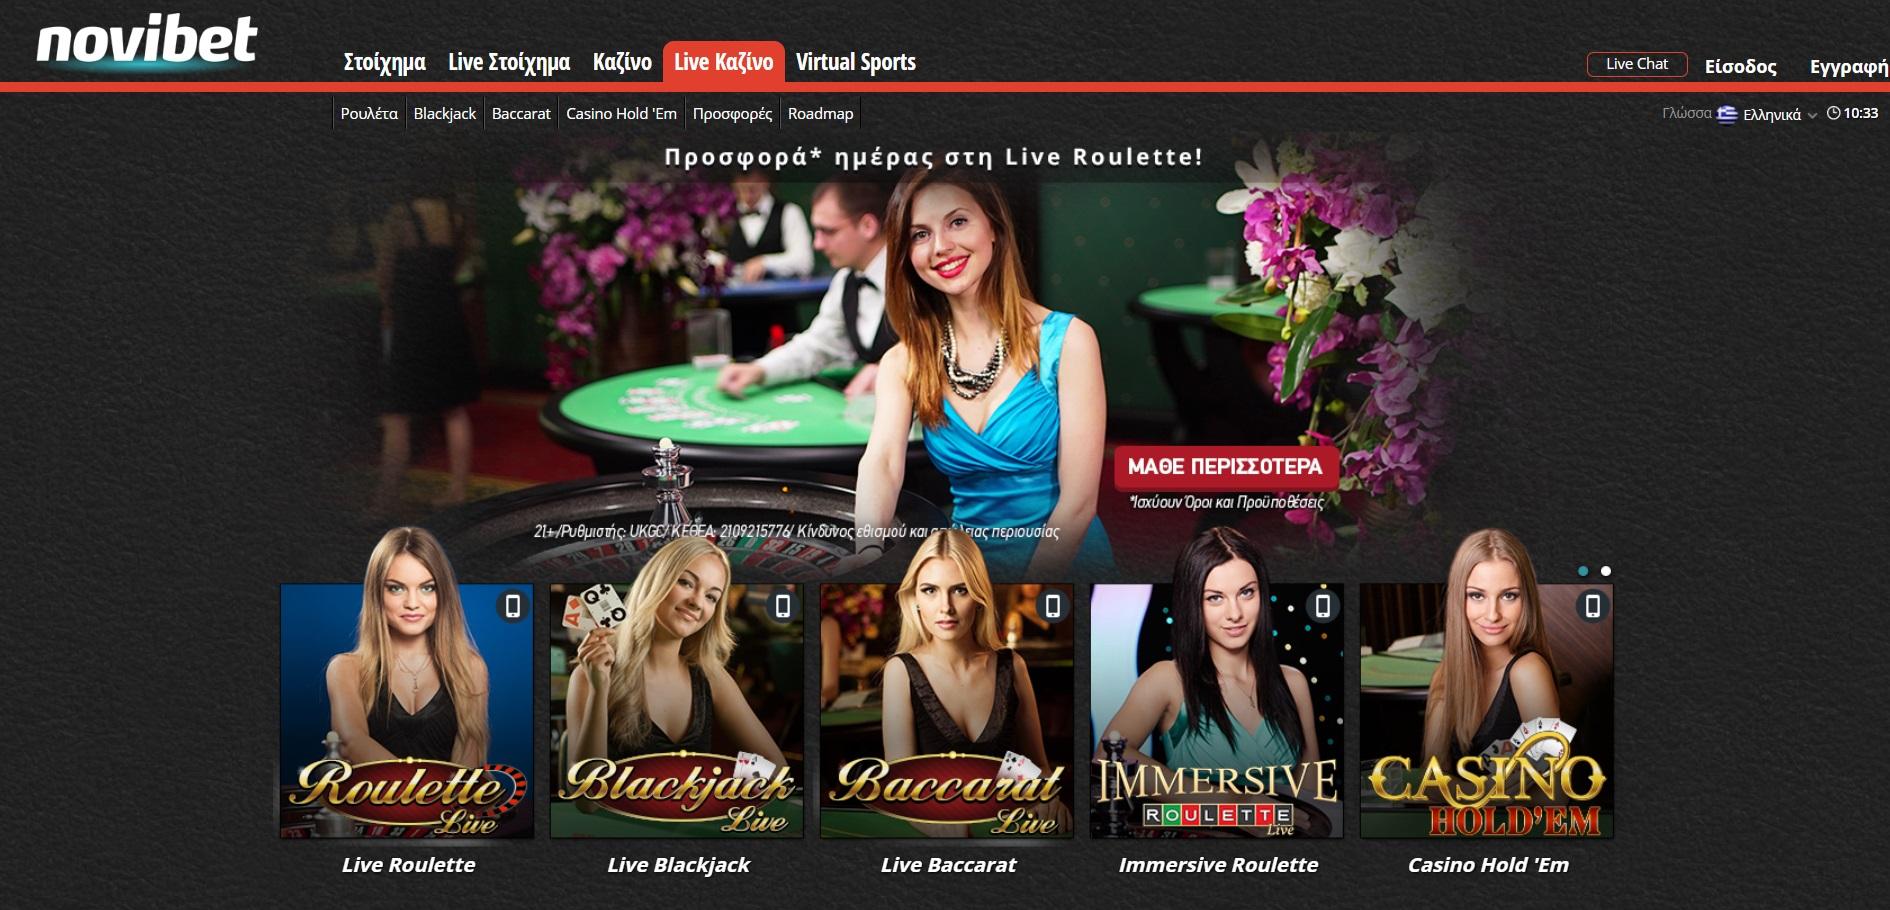 Novibet ζωντανό καζίνο